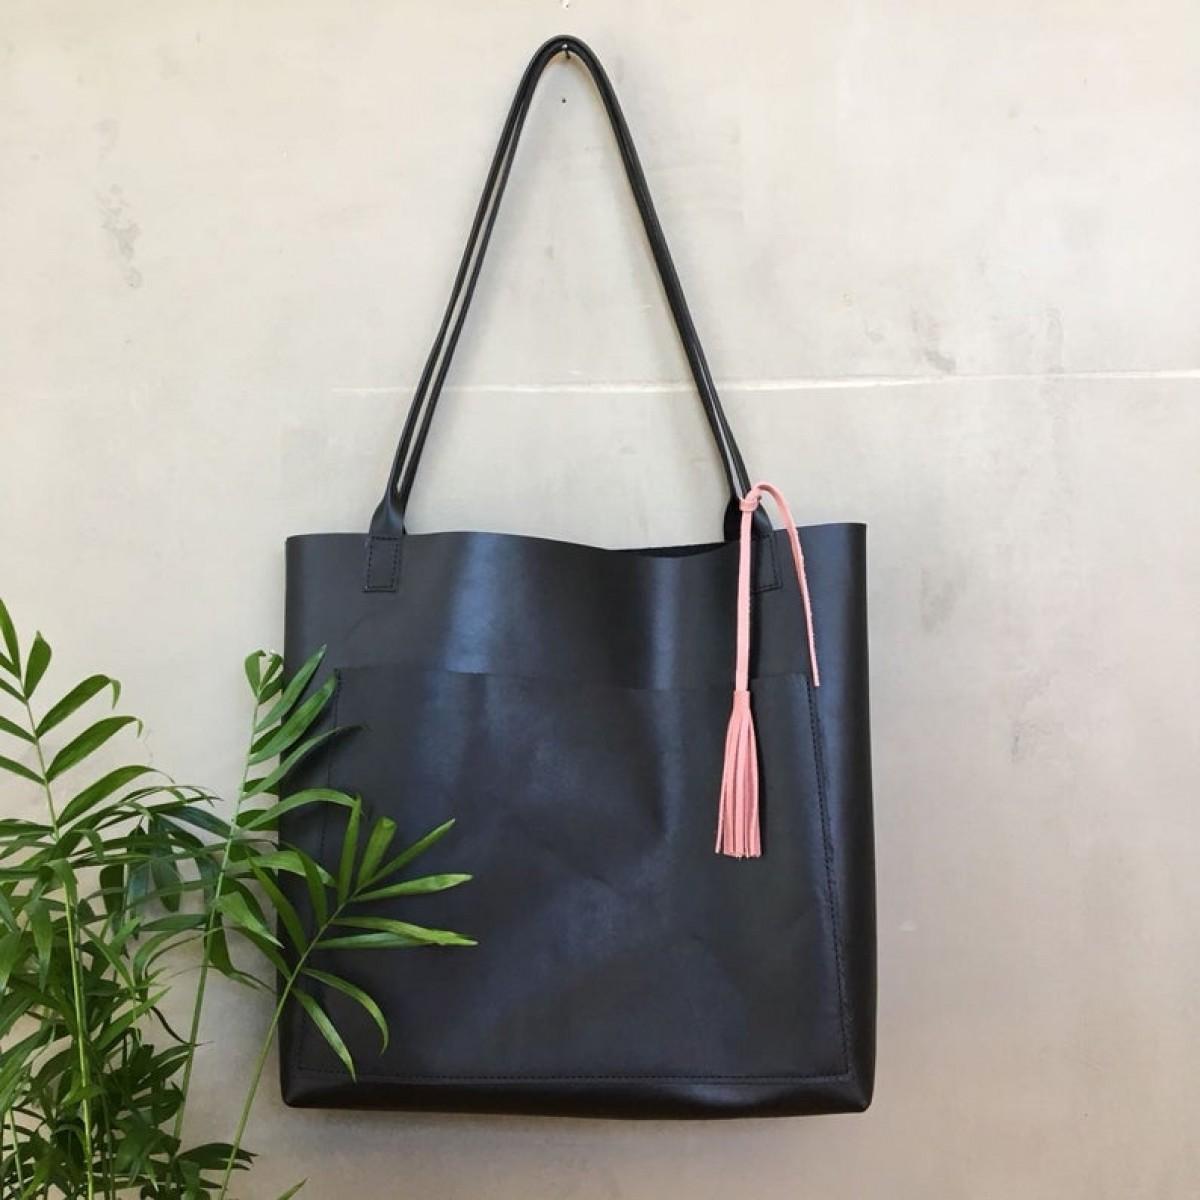 Schwarzer Leder Shopper // Schwarzer Lederbeutel // große Leder Tote // Tasche für jeden Tag // schwarze Ledertasche // boho